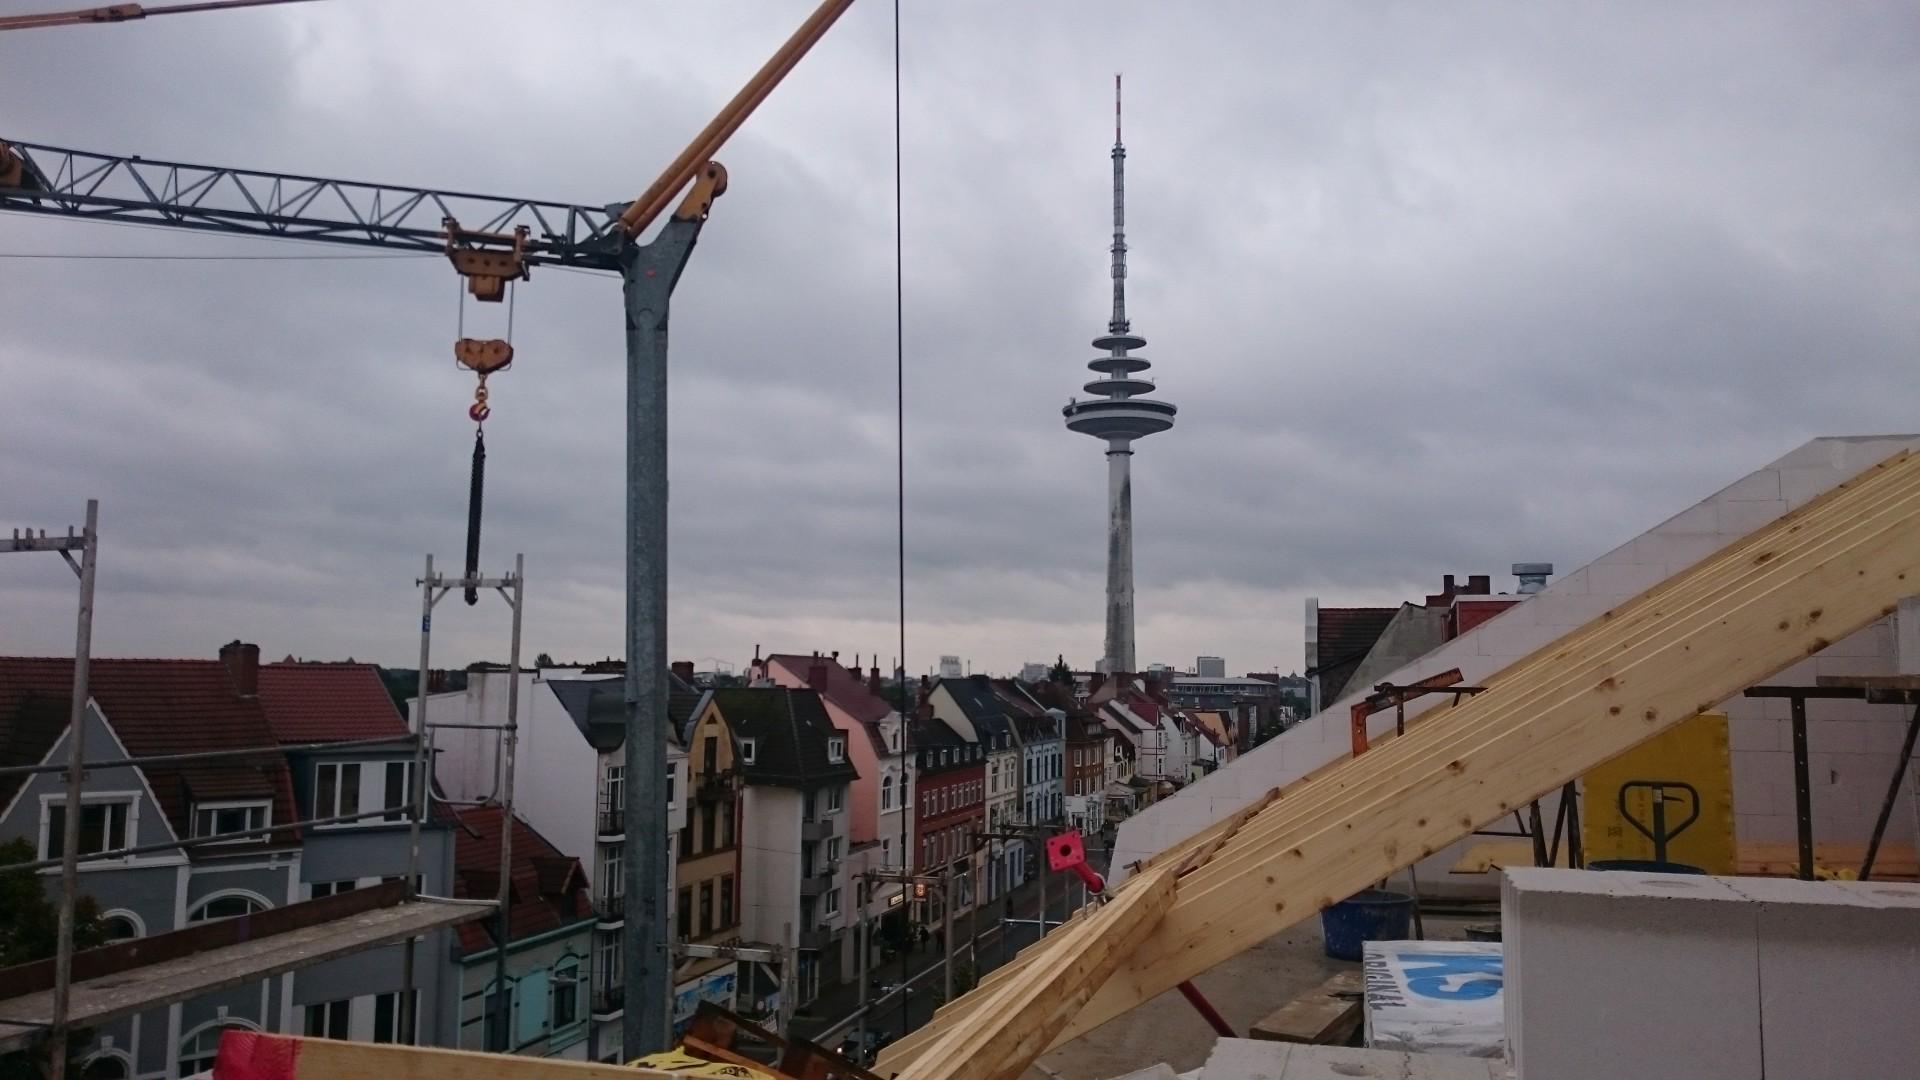 Über den Dächern von Bremen. Sogar bei Regenwetter noch faszinierend.